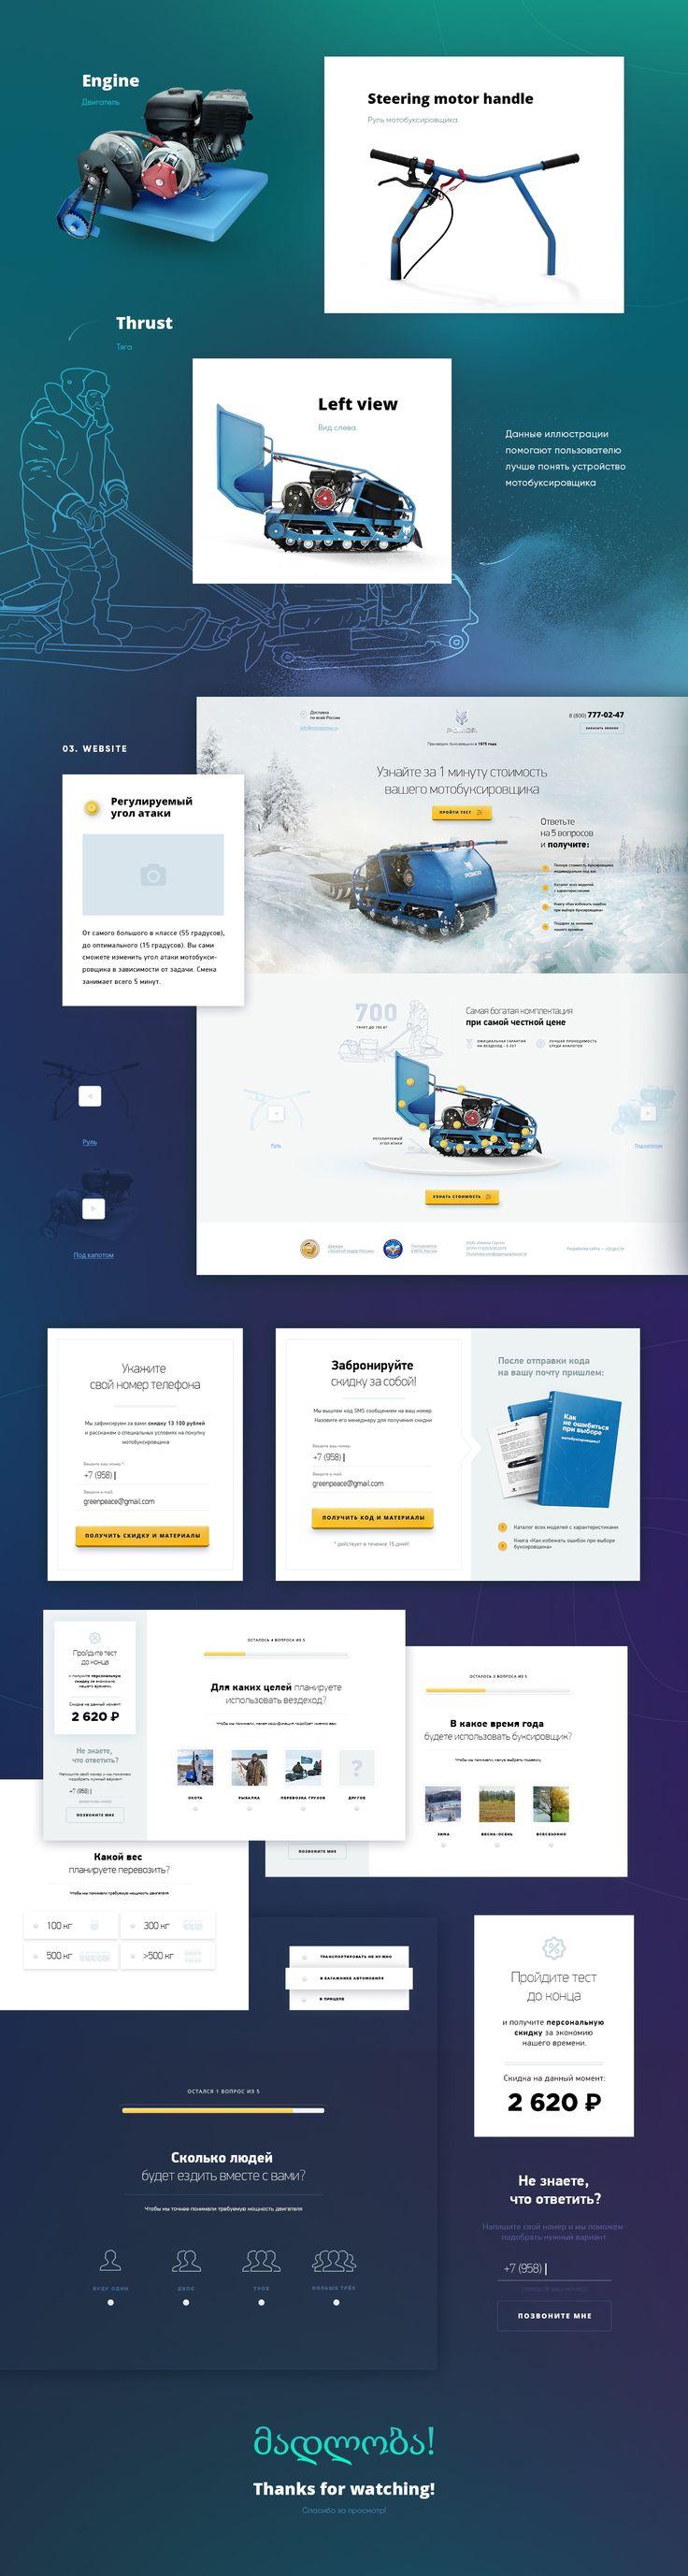 Разработка продающего сайта для мотобуксировщиков